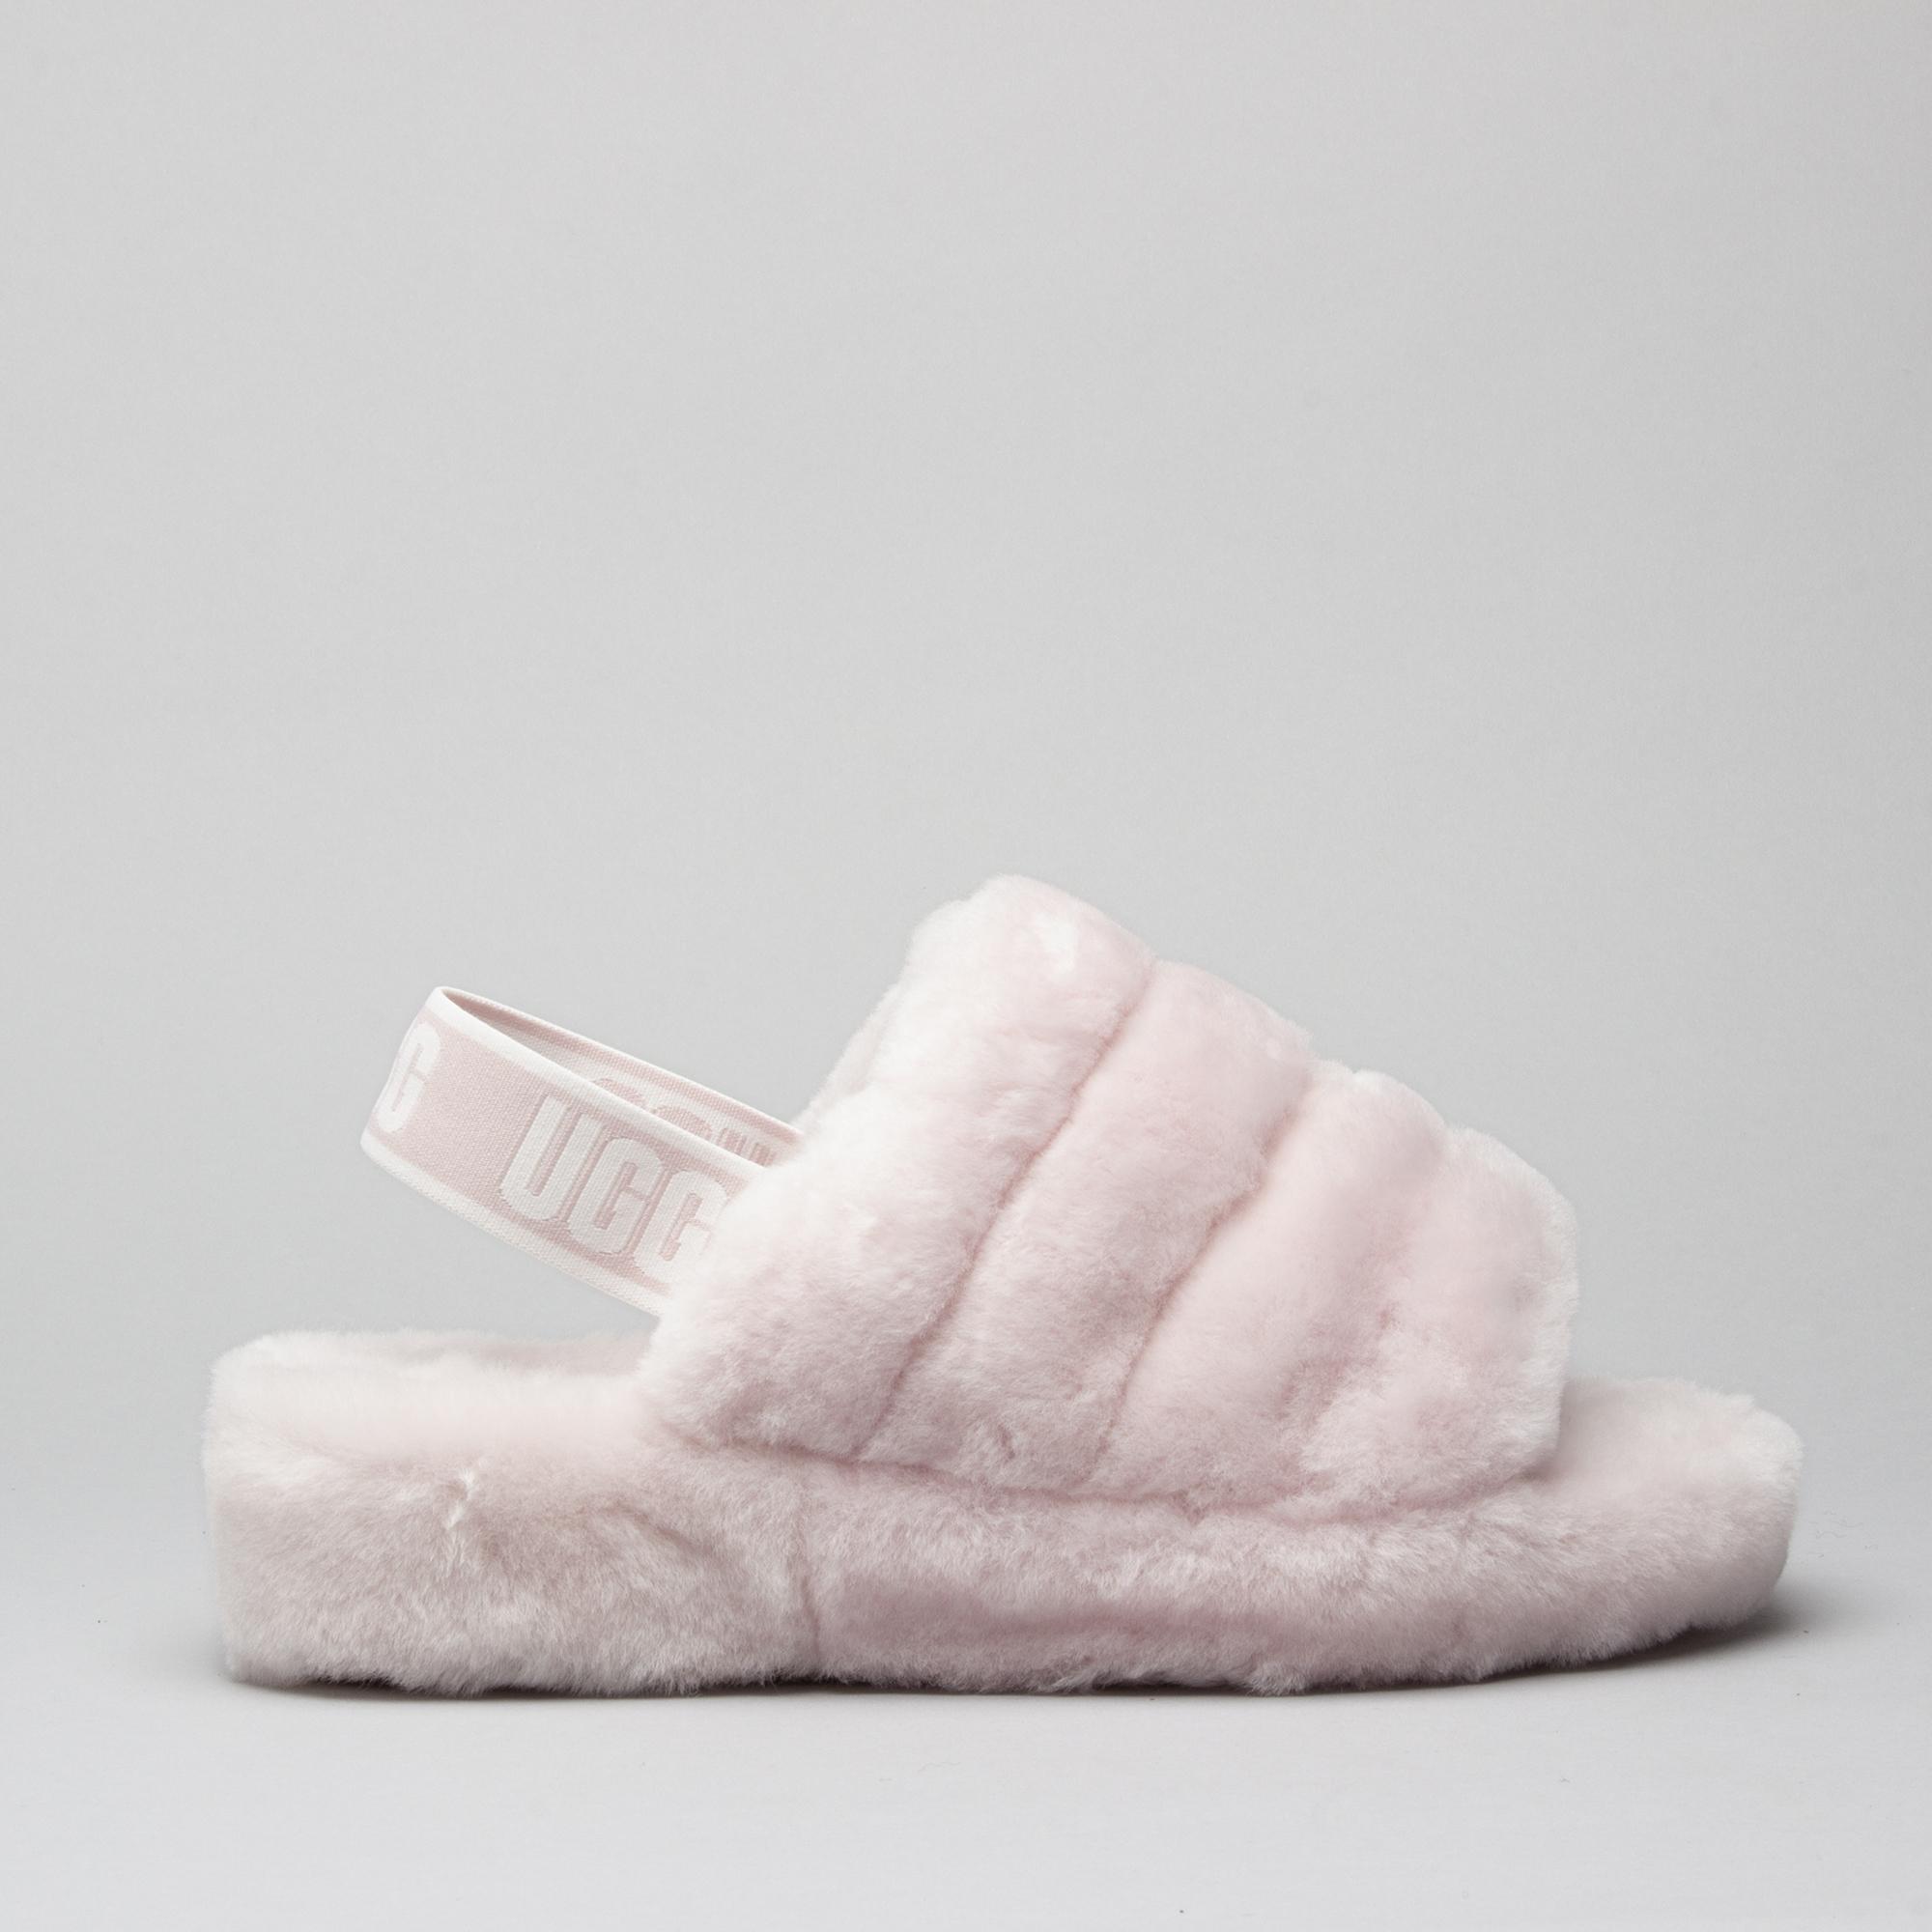 dc1e5e4fc8e UGG FLUFF YEAH SLIDE Ladies Slide Slippers Seashell Pink